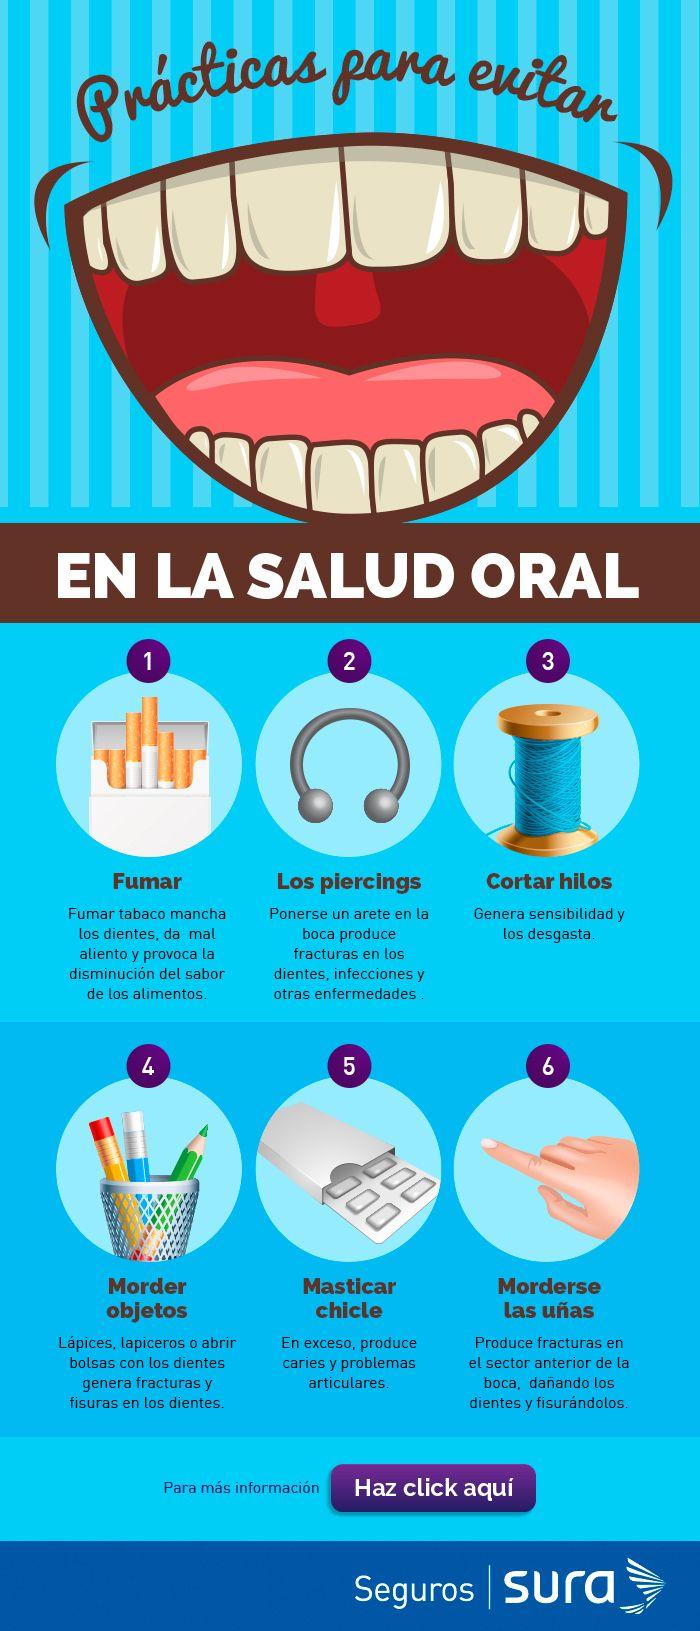 Algunos consejos para mantener una buena salud dental.